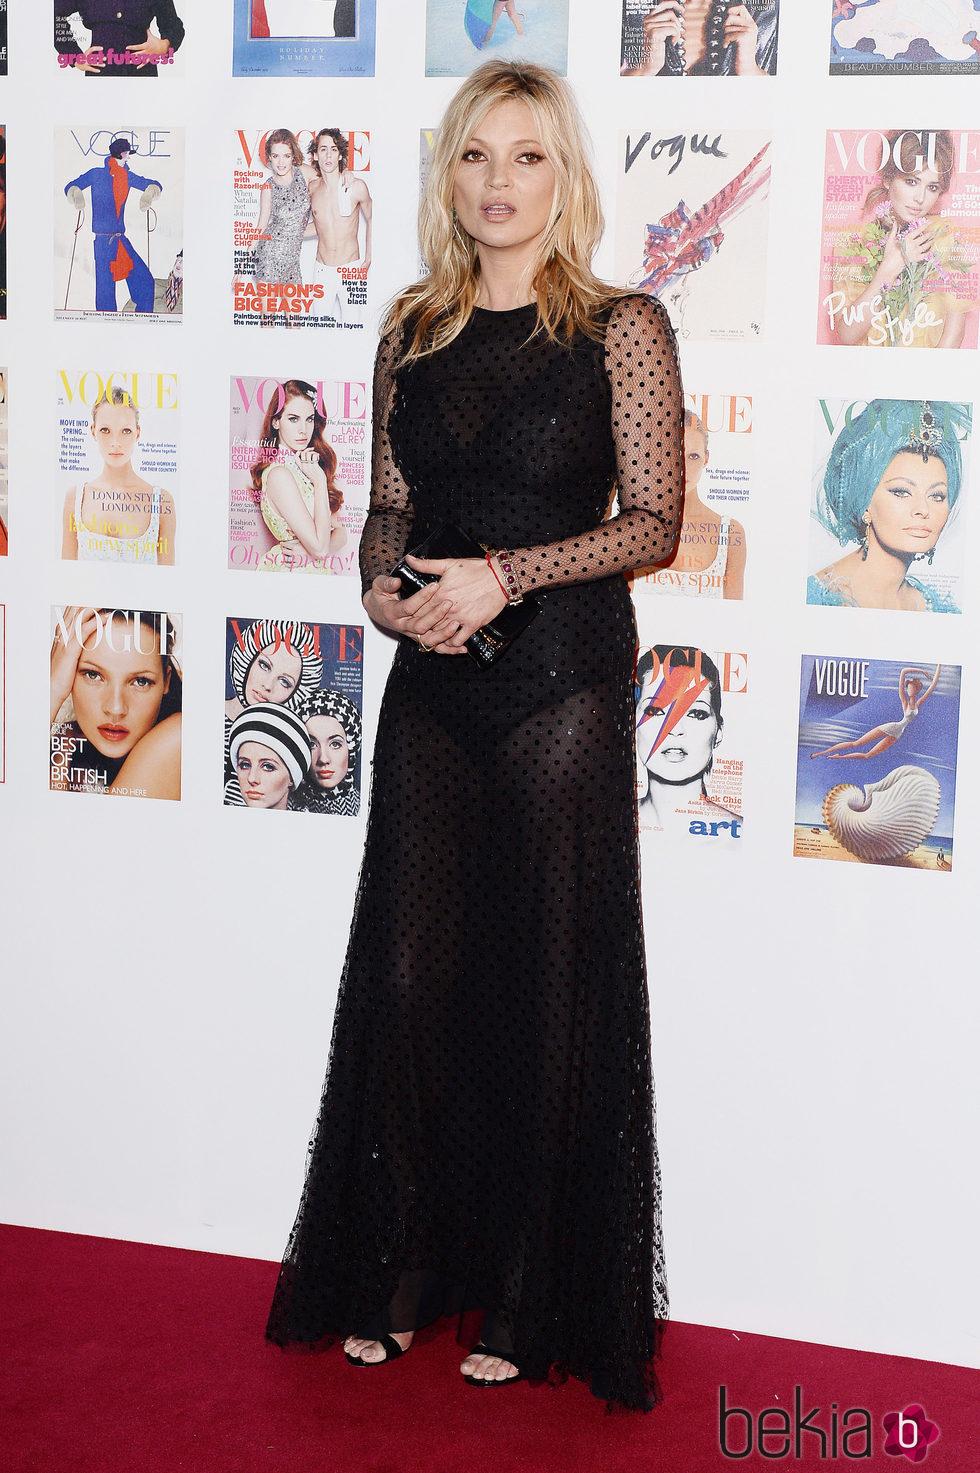 Kate Moss en la fiesta del 100 aniversario de Vogue en Londres